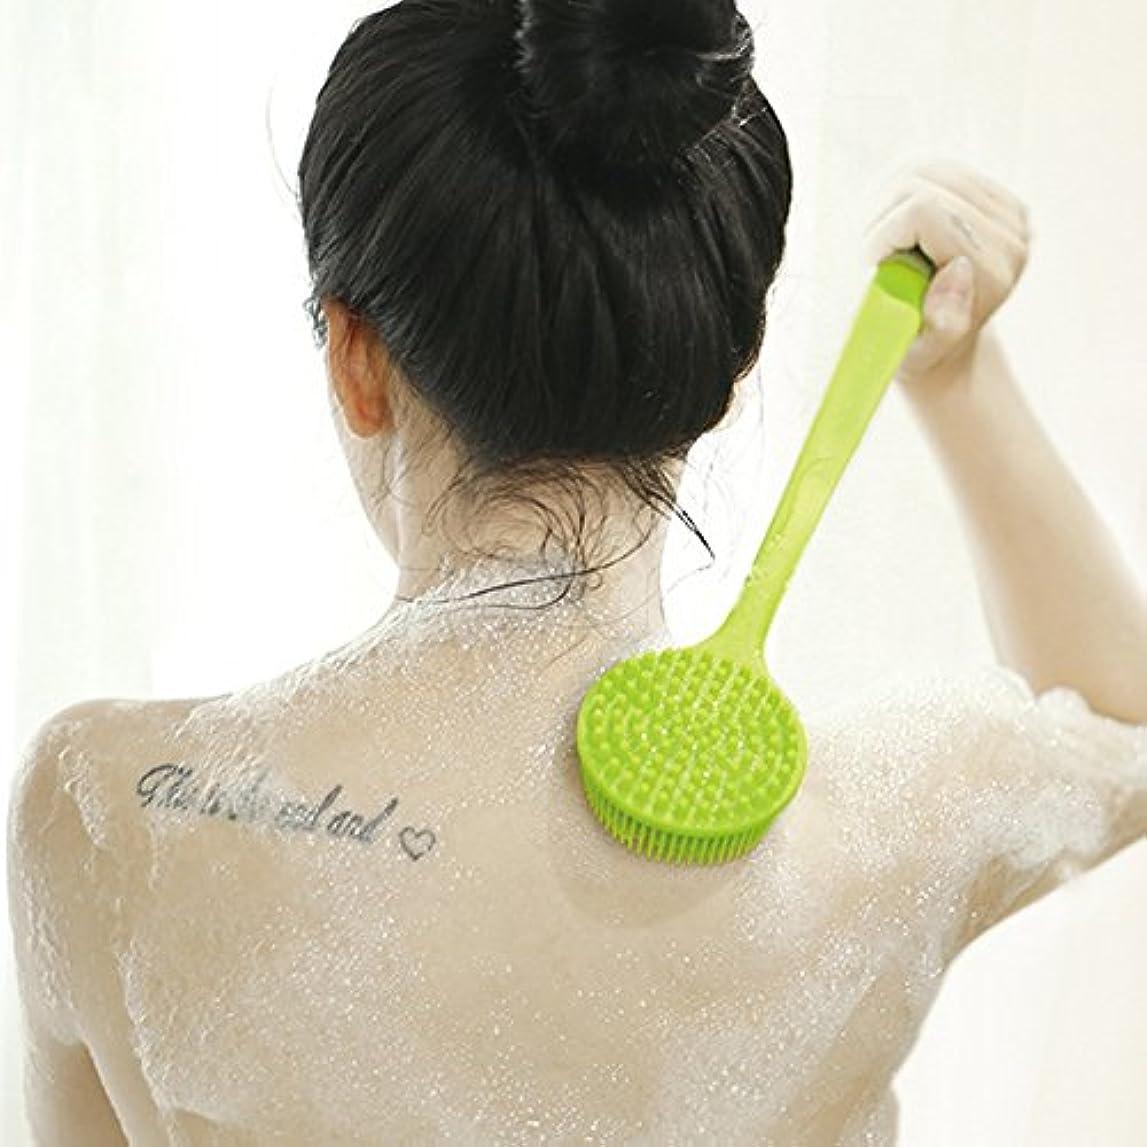 面かすれた骨髄ボディブラシ シャワーブラシ お風呂用 シリコン製 体洗い マッサージブラシ 毛穴洗浄 角質除去 多機能 柔らかい